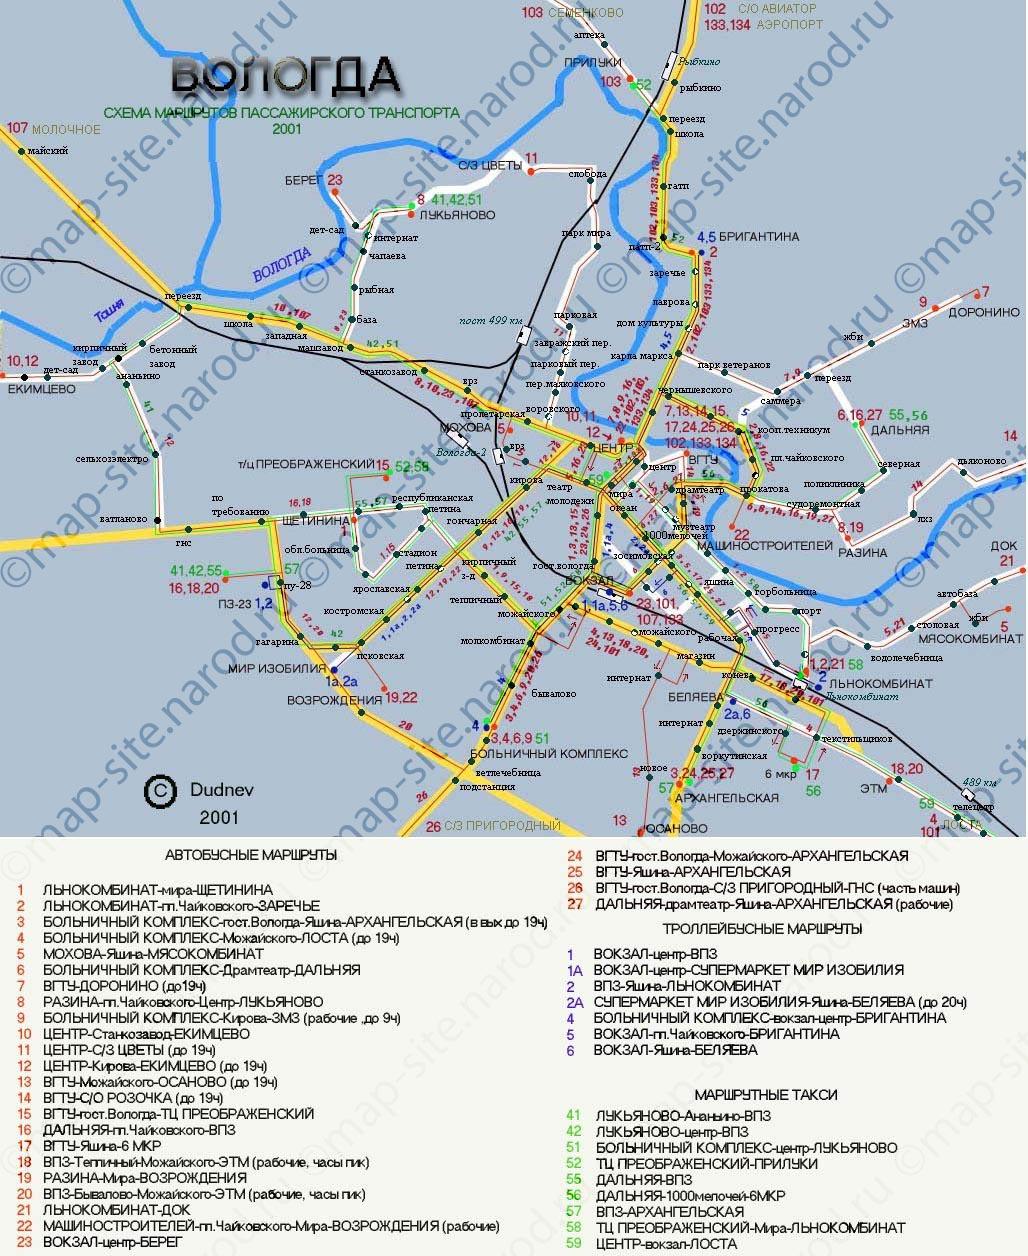 Карта маршрутов троллейбусов.  Общественный транспорт в Вологде. маршрут 1,2,3,4,5.